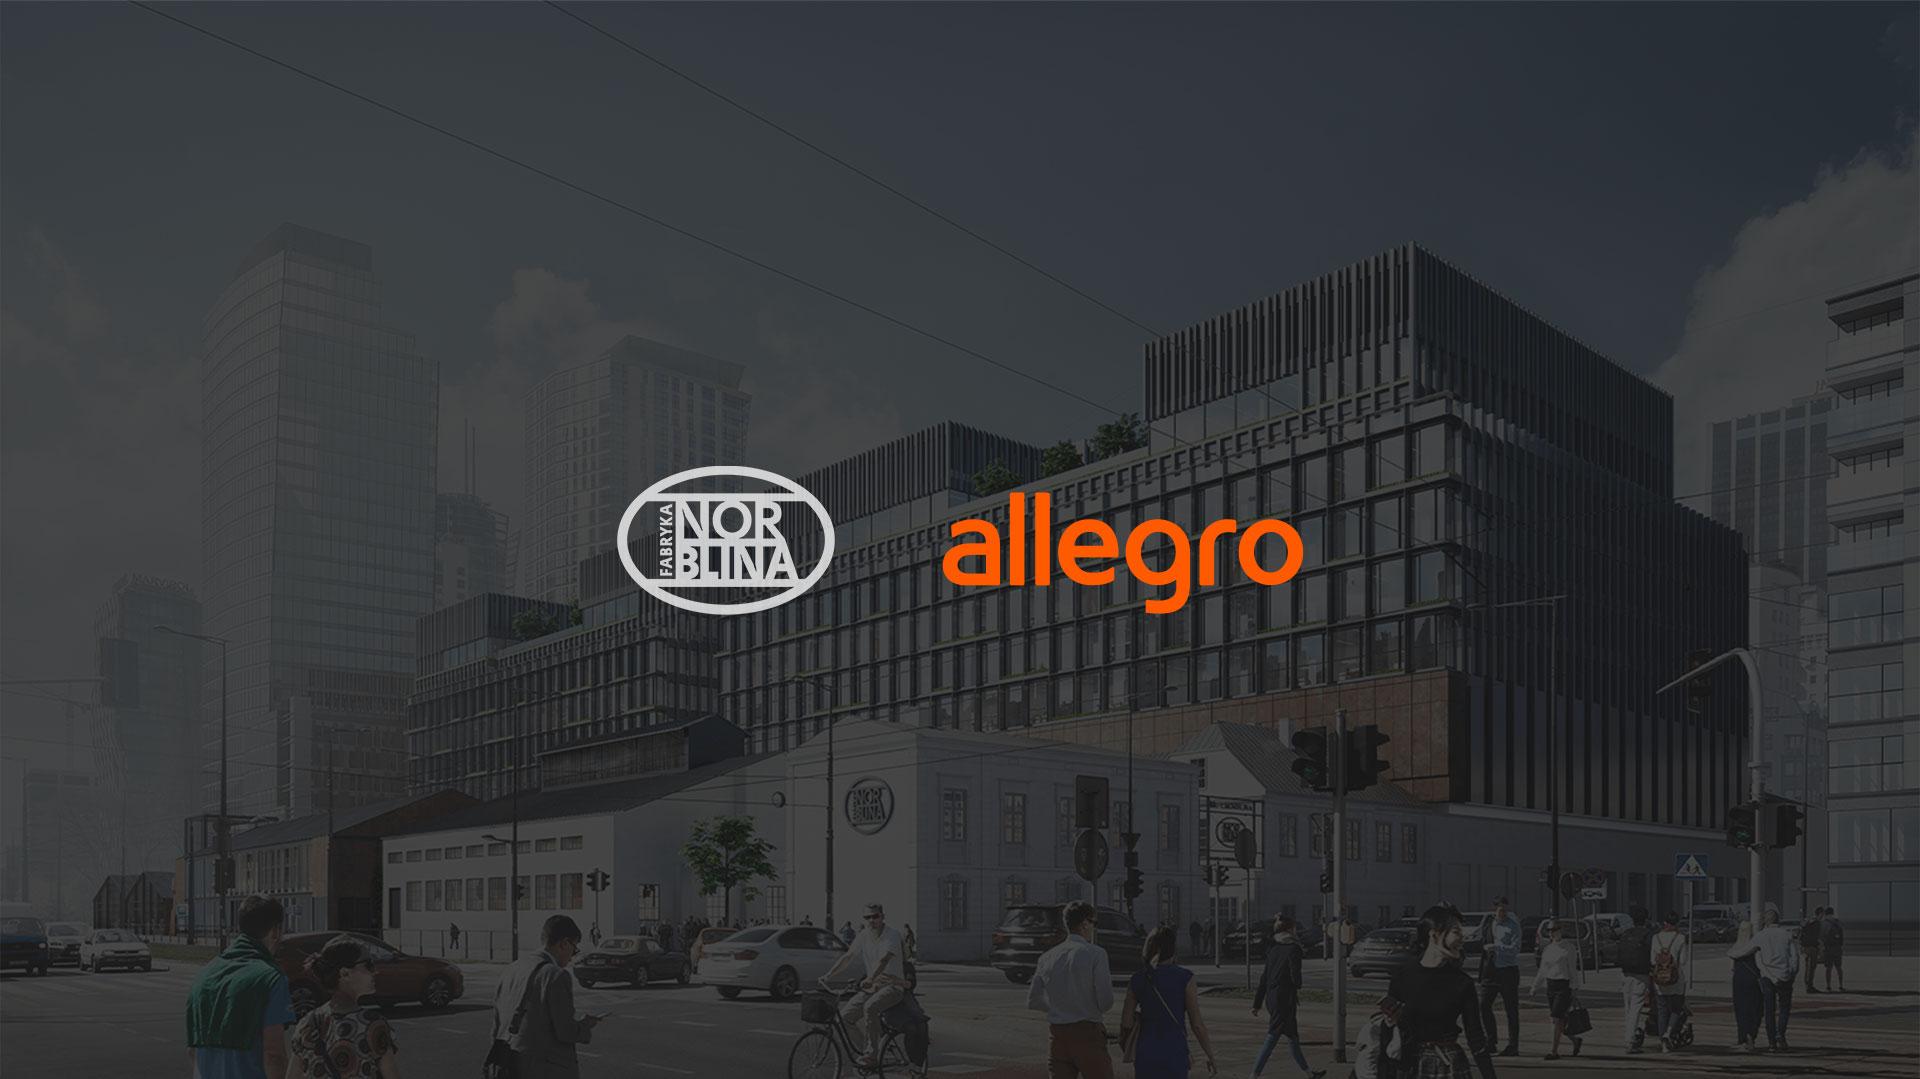 Allegro największym najemcą Fabryki Norblina!